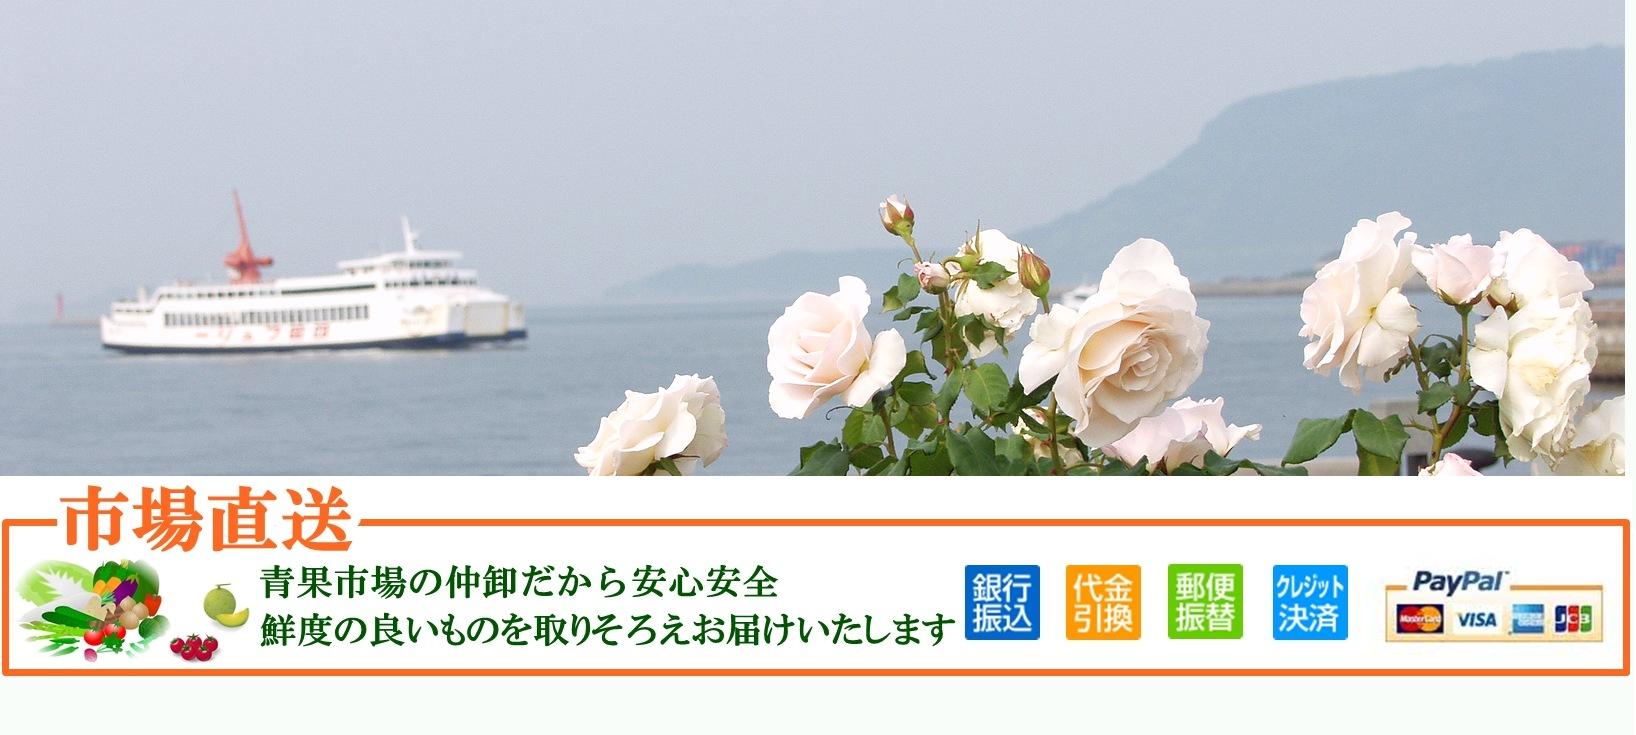 四国高松からお届けします。業務用野菜、果実卸売サイト